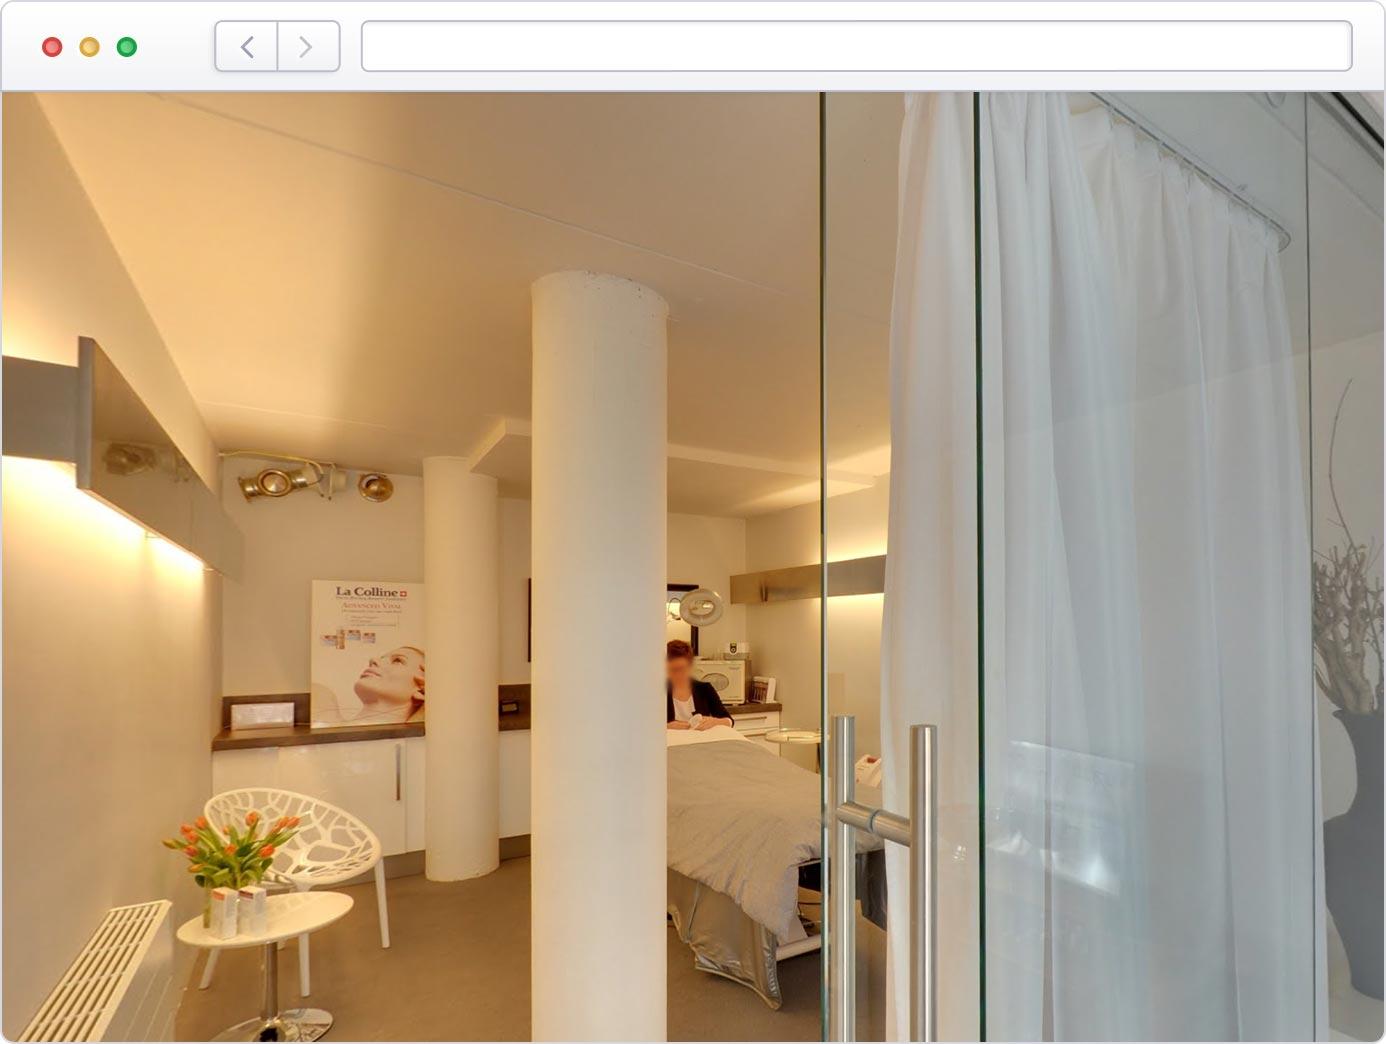 Virtuele tour van uw beautysalon op Google